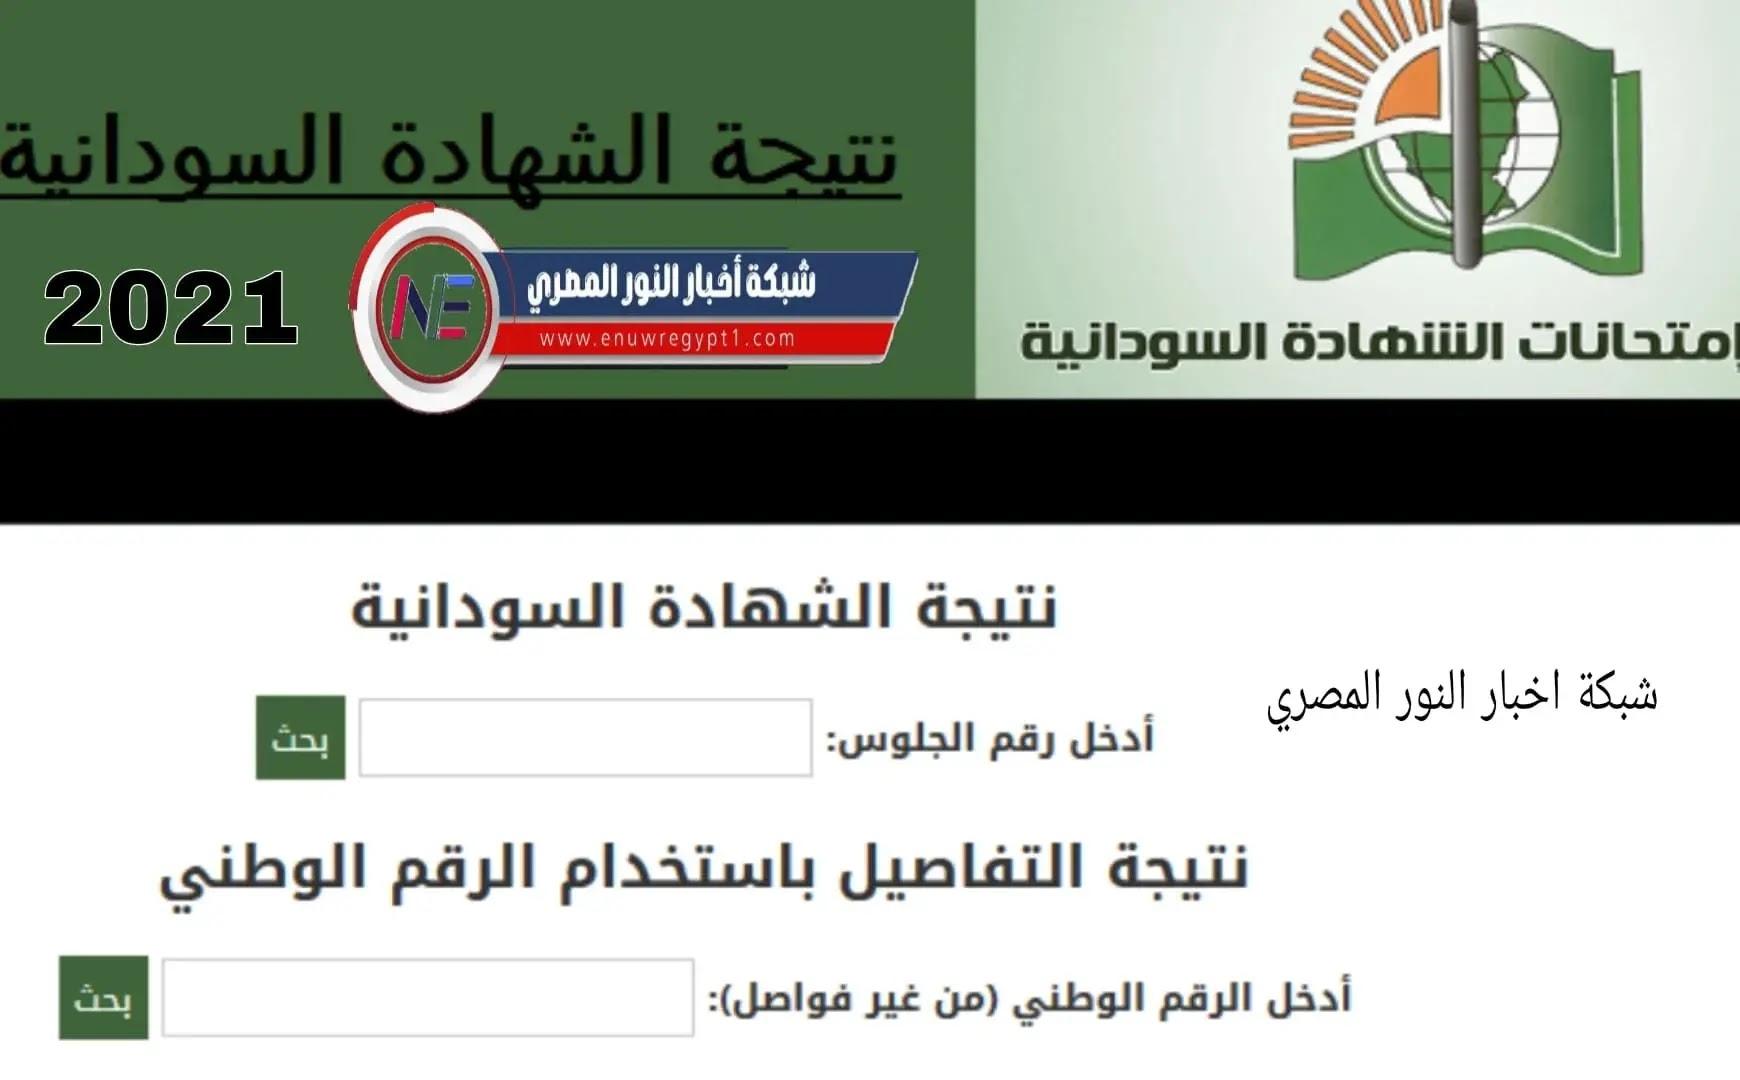 ظهورها الان .. نتيجة الثانوية السودانية 2021 عبر رابط موقع وزارة التربية والتعليم بالسودان بالاسم ورقم الجلوس بجميع الولايات السودانية